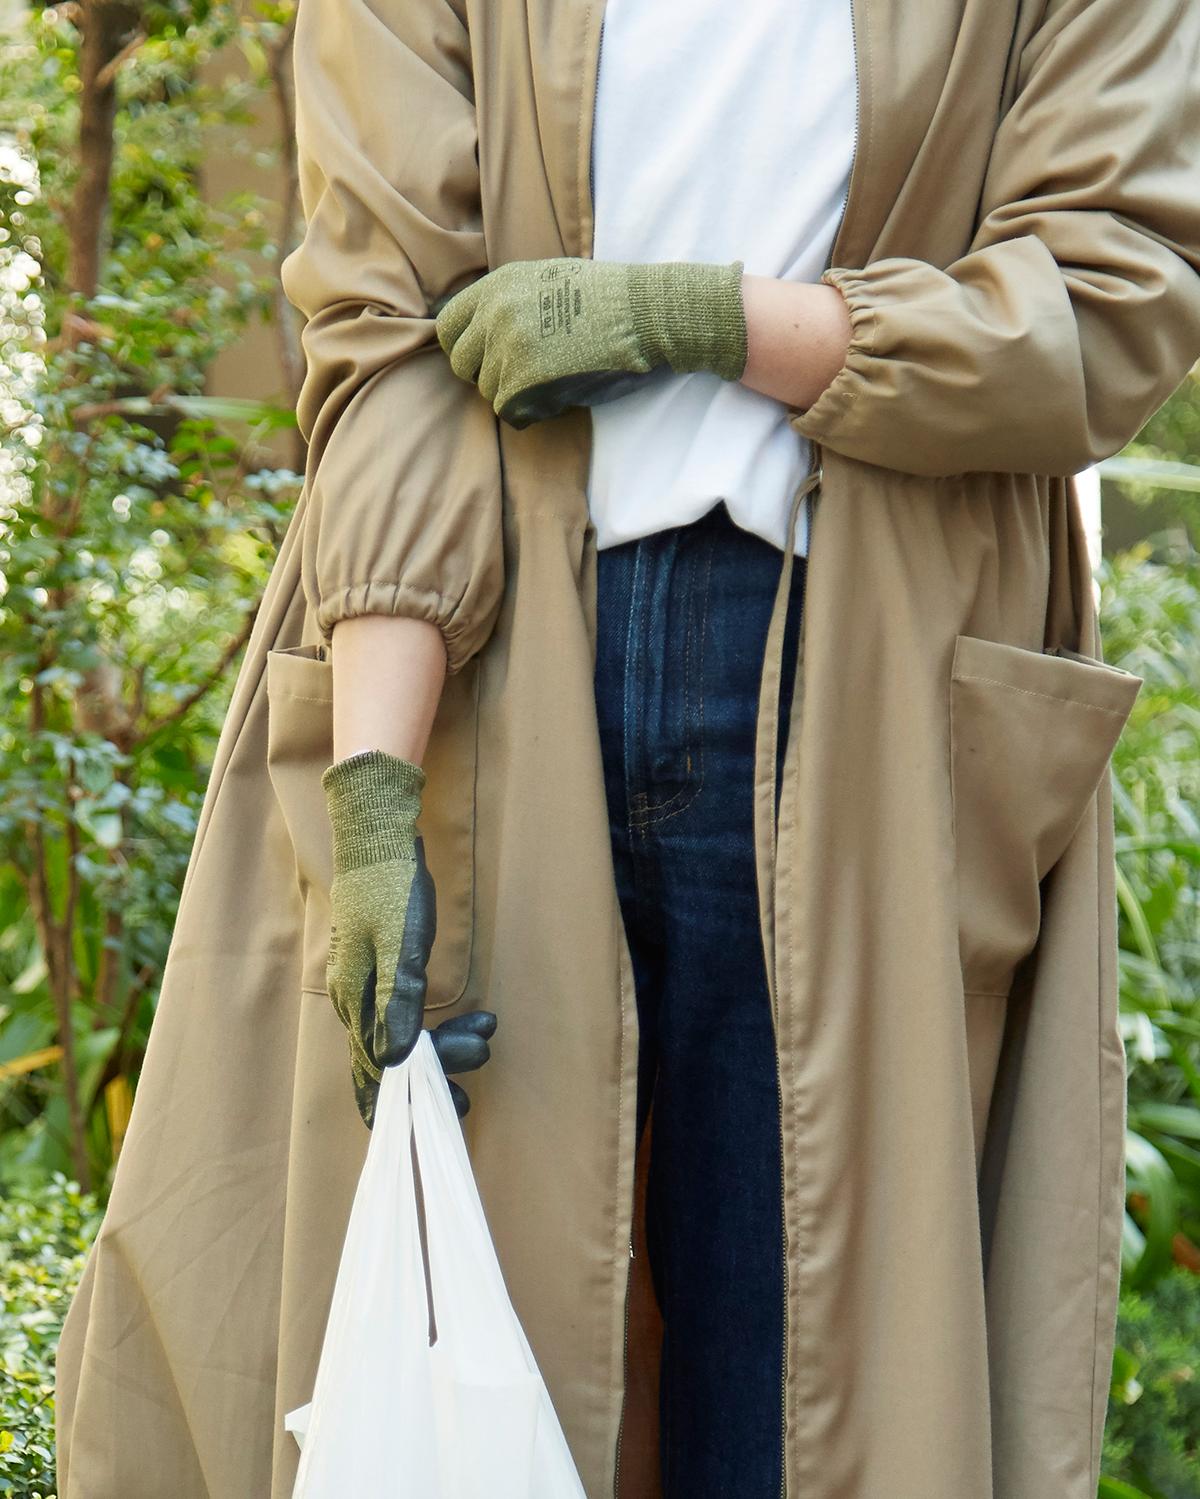 洗練された見た目のおかげで、今までの軍手や作業用手袋より、暮しのなかに置きやすい。ちょっとした時に、使う習慣ができるので、毎日の家事がグンとラクになったことを実感している「作業用手袋」|workers gloves(ワーカーズグローブ)